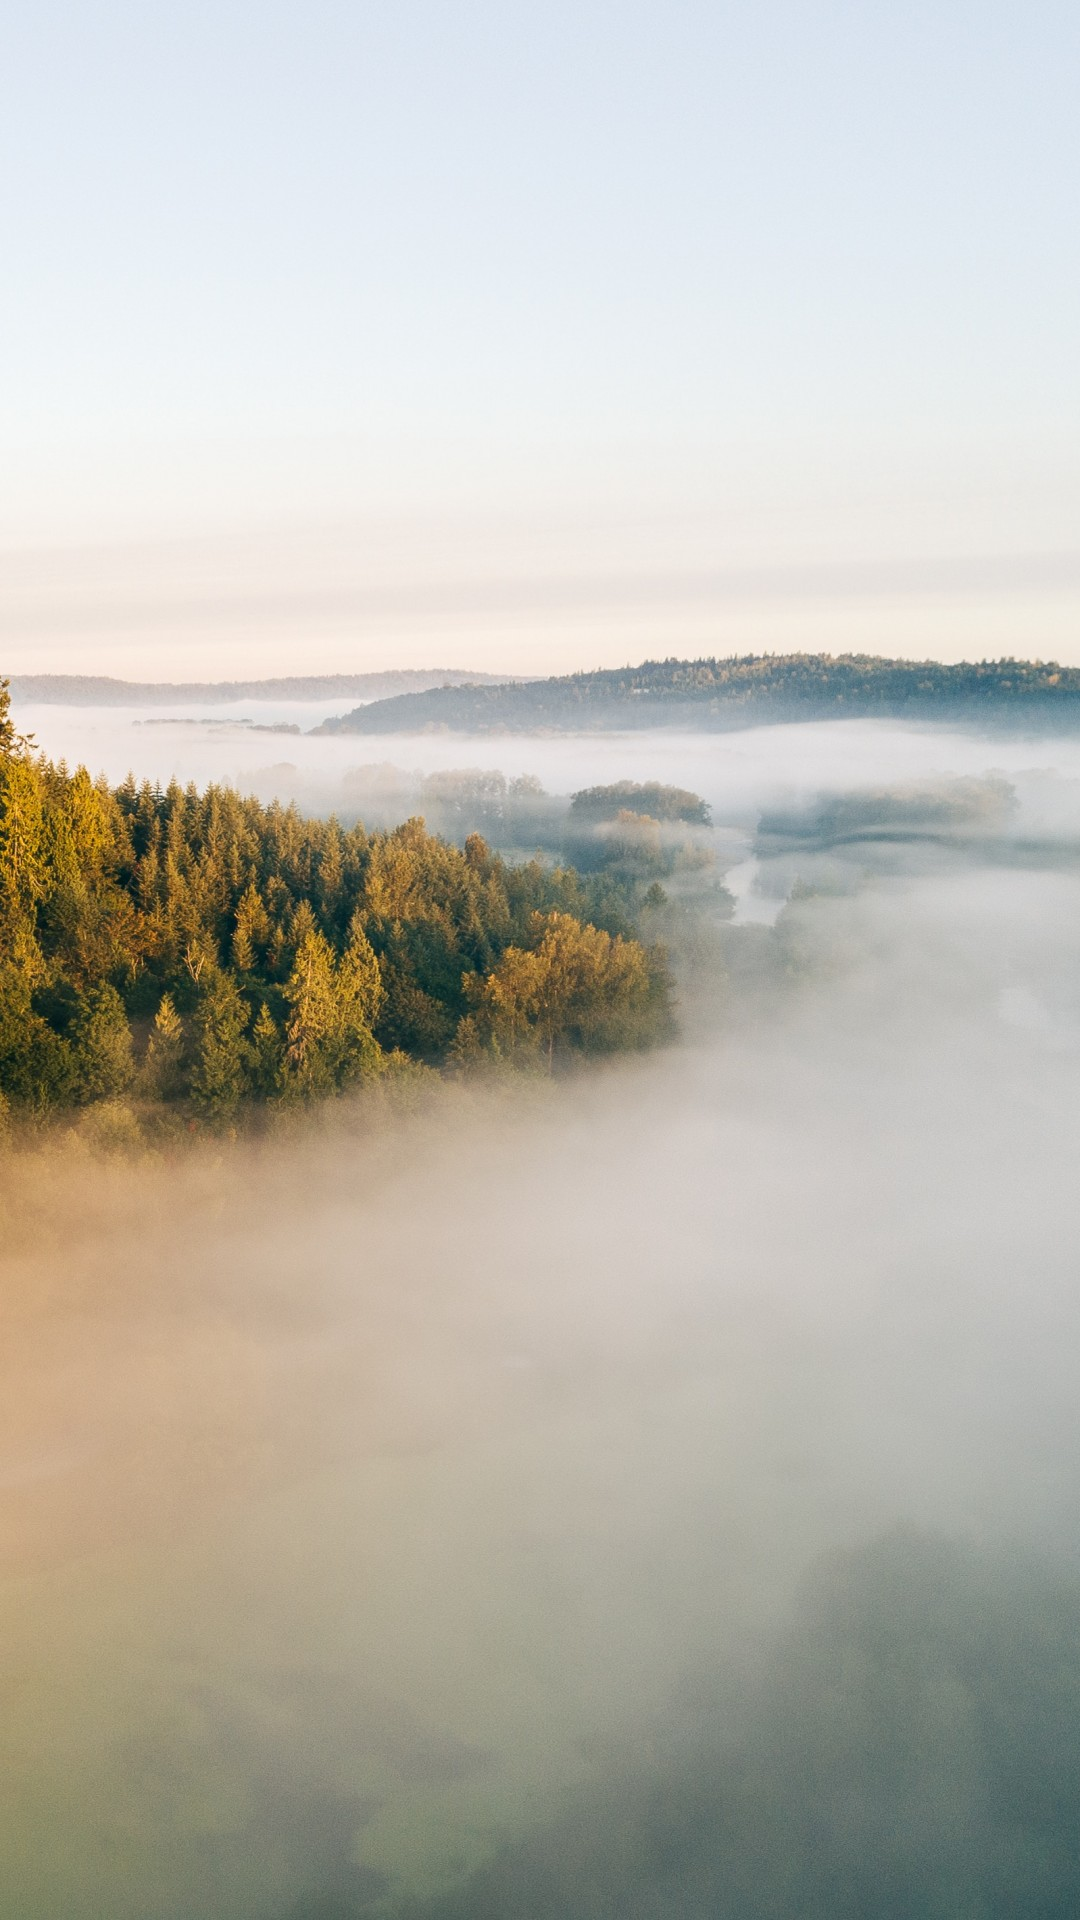 wallpaper fog landscape 4k nature 18339